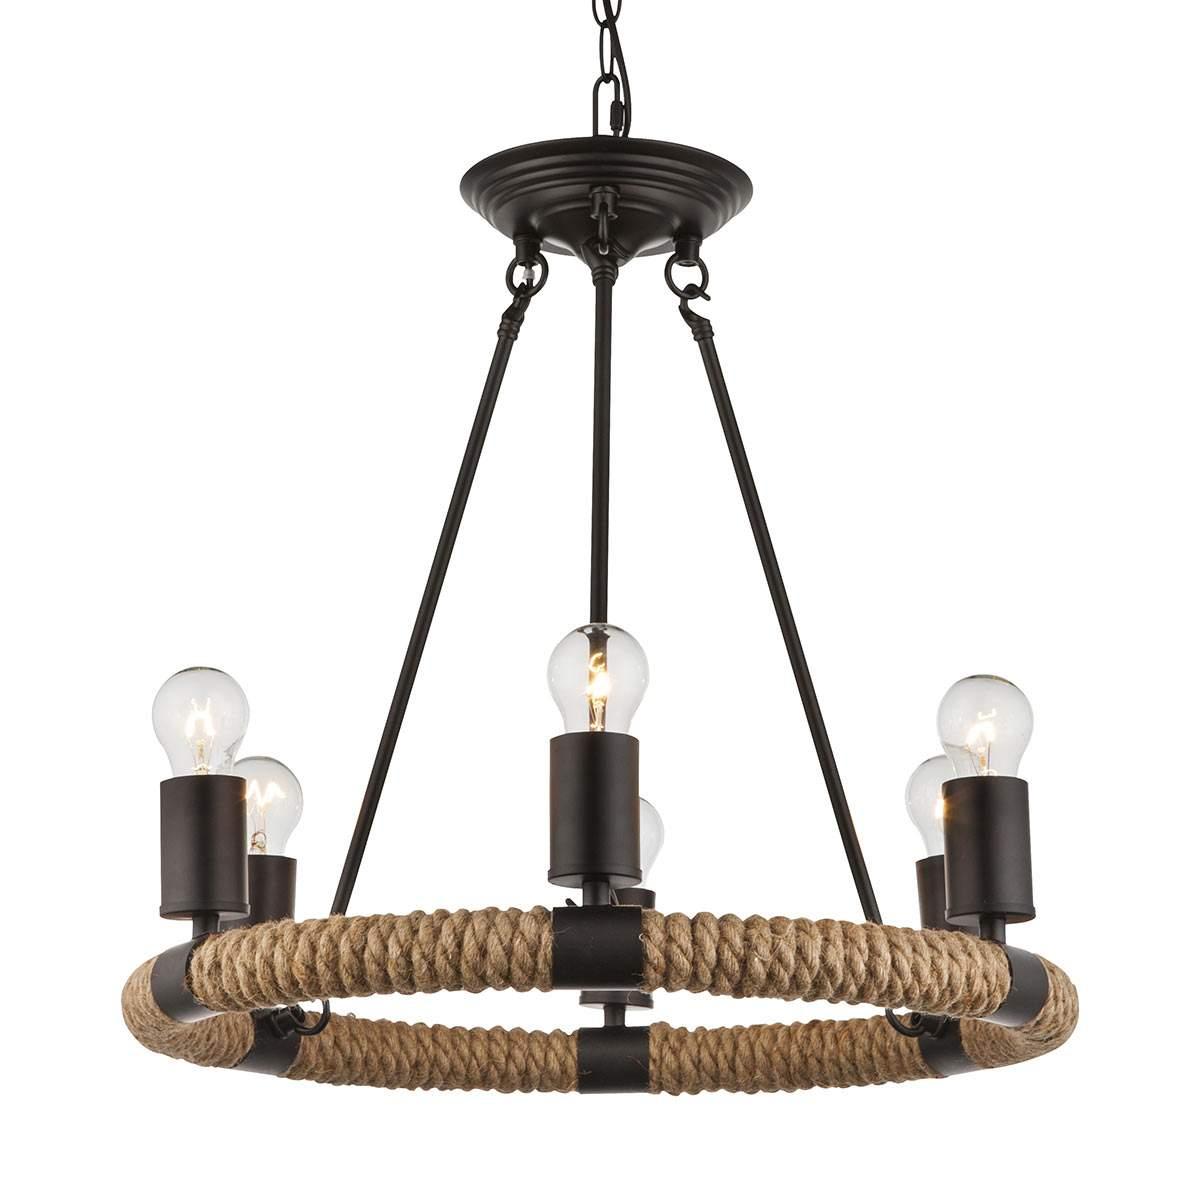 Lampada LED a sospensione Ulleu a 6 luci Illuminazione per interni